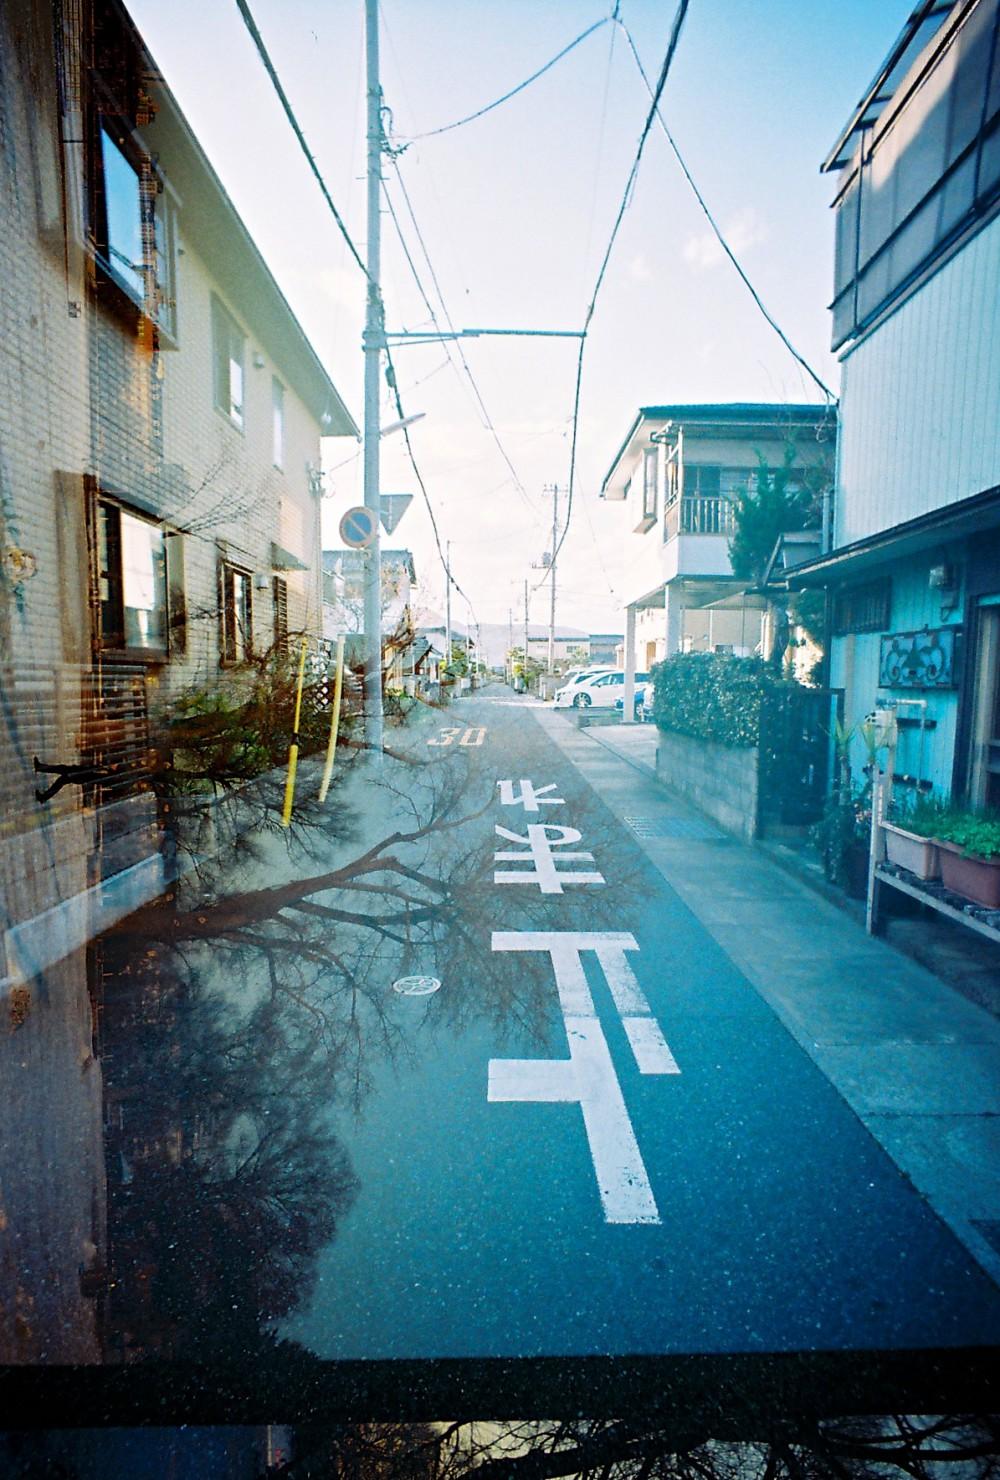 富士市是很安靜平和的小鎮子 正值放學 走在路上 我這種異鄉人因來了年輕的面孔上不少好奇的目光